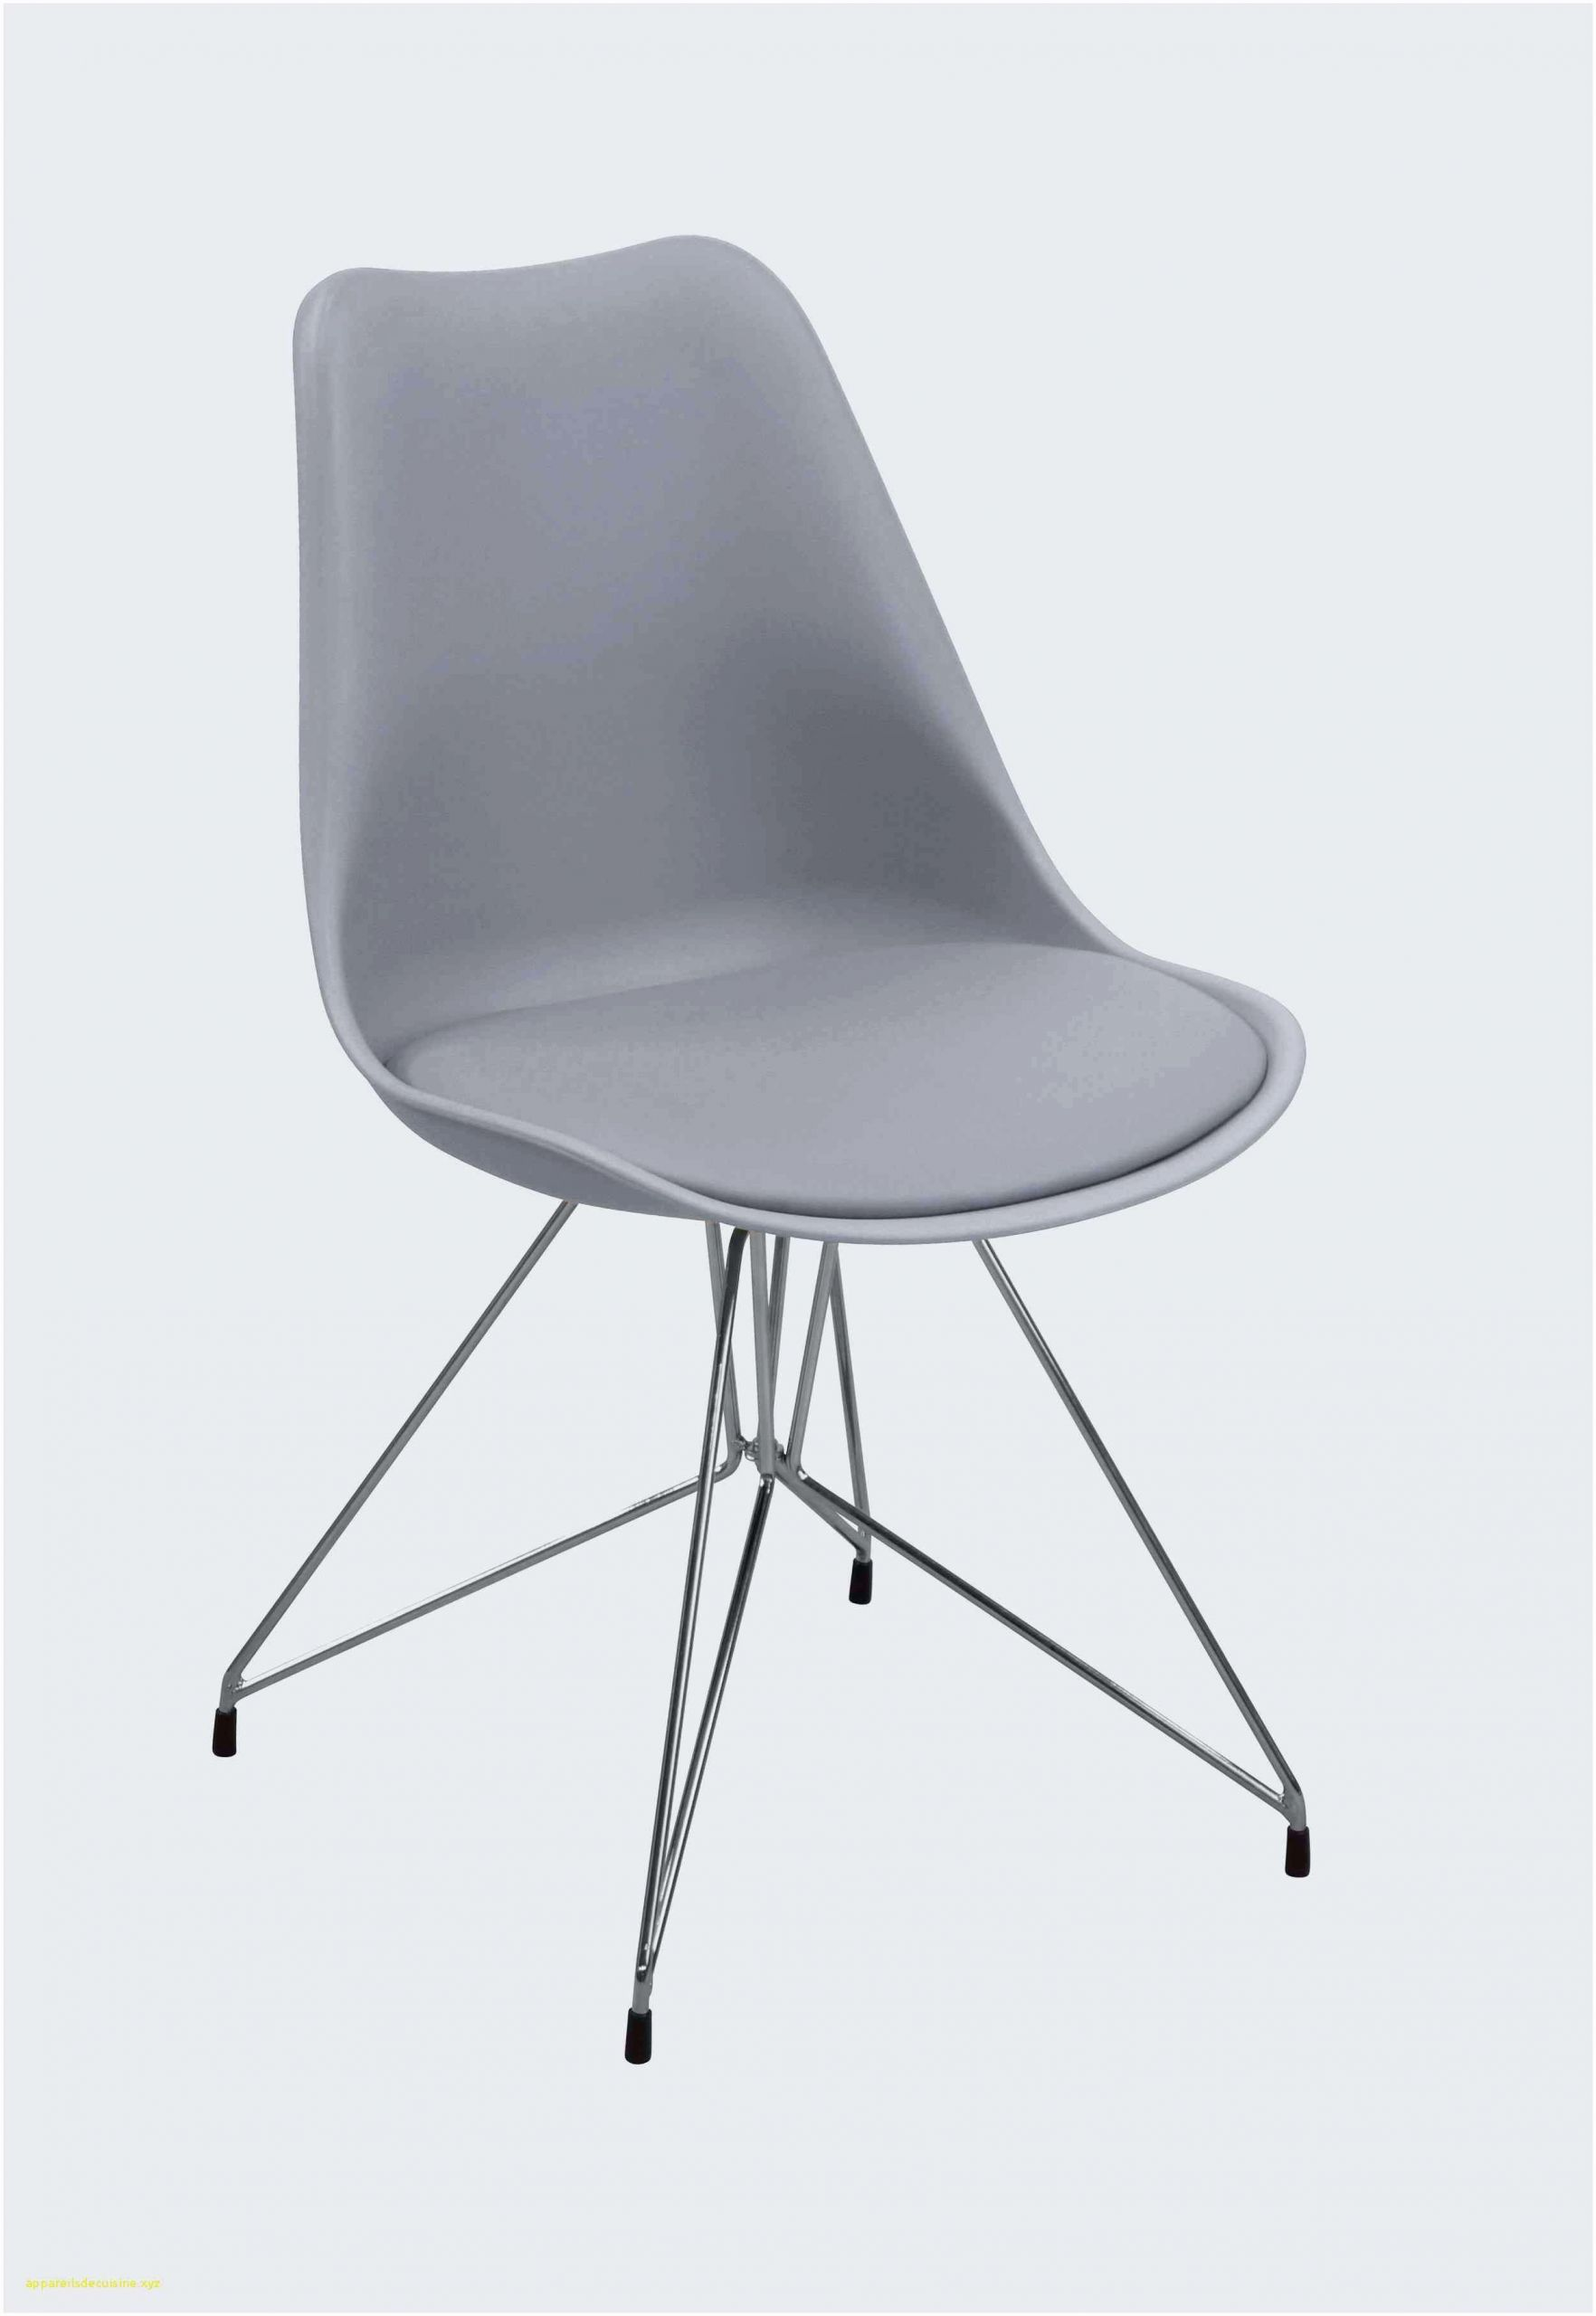 gris clair mur beau frais cuisine bois metal chaise bois metal chaise roulette 0d of gris clair mur